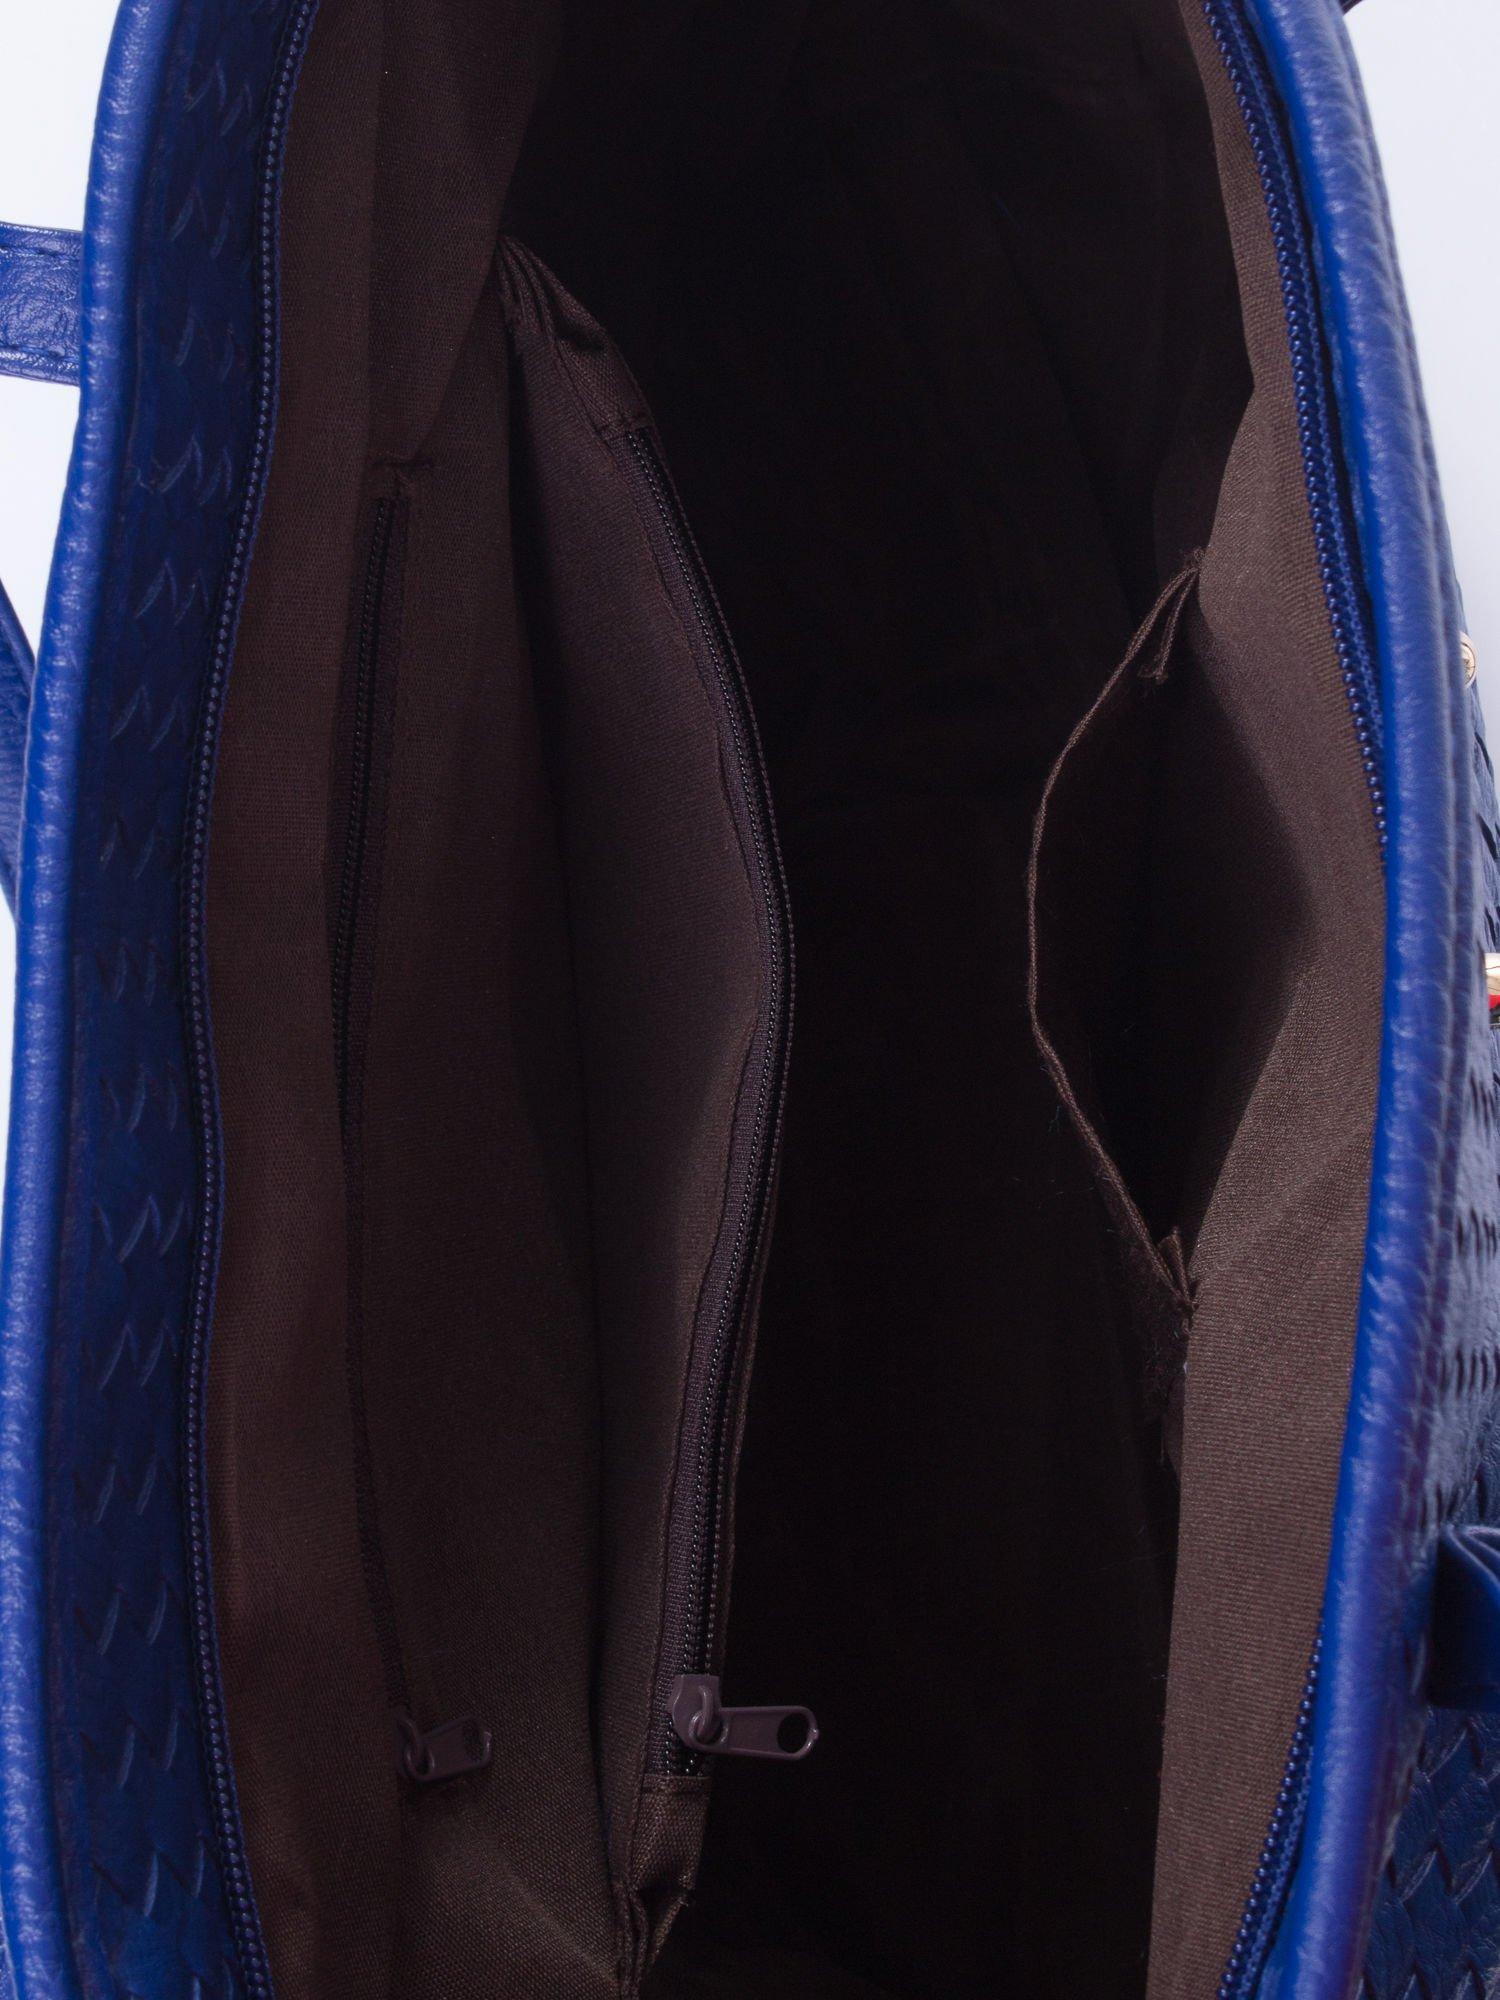 Granatowa pleciona torba shopper bag ze złotym detalem                                  zdj.                                  5